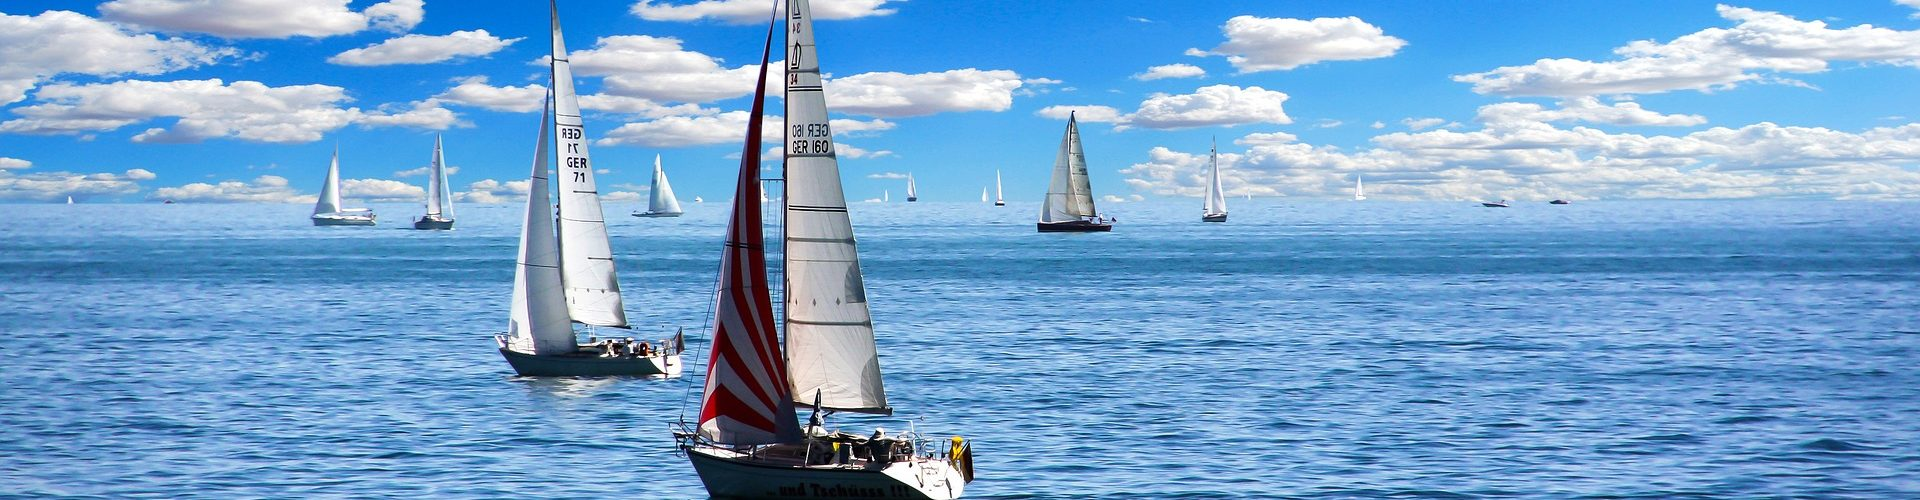 segeln lernen in Bad Münder am Deister segelschein machen in Bad Münder am Deister 1920x500 - Segeln lernen in Bad Münder am Deister